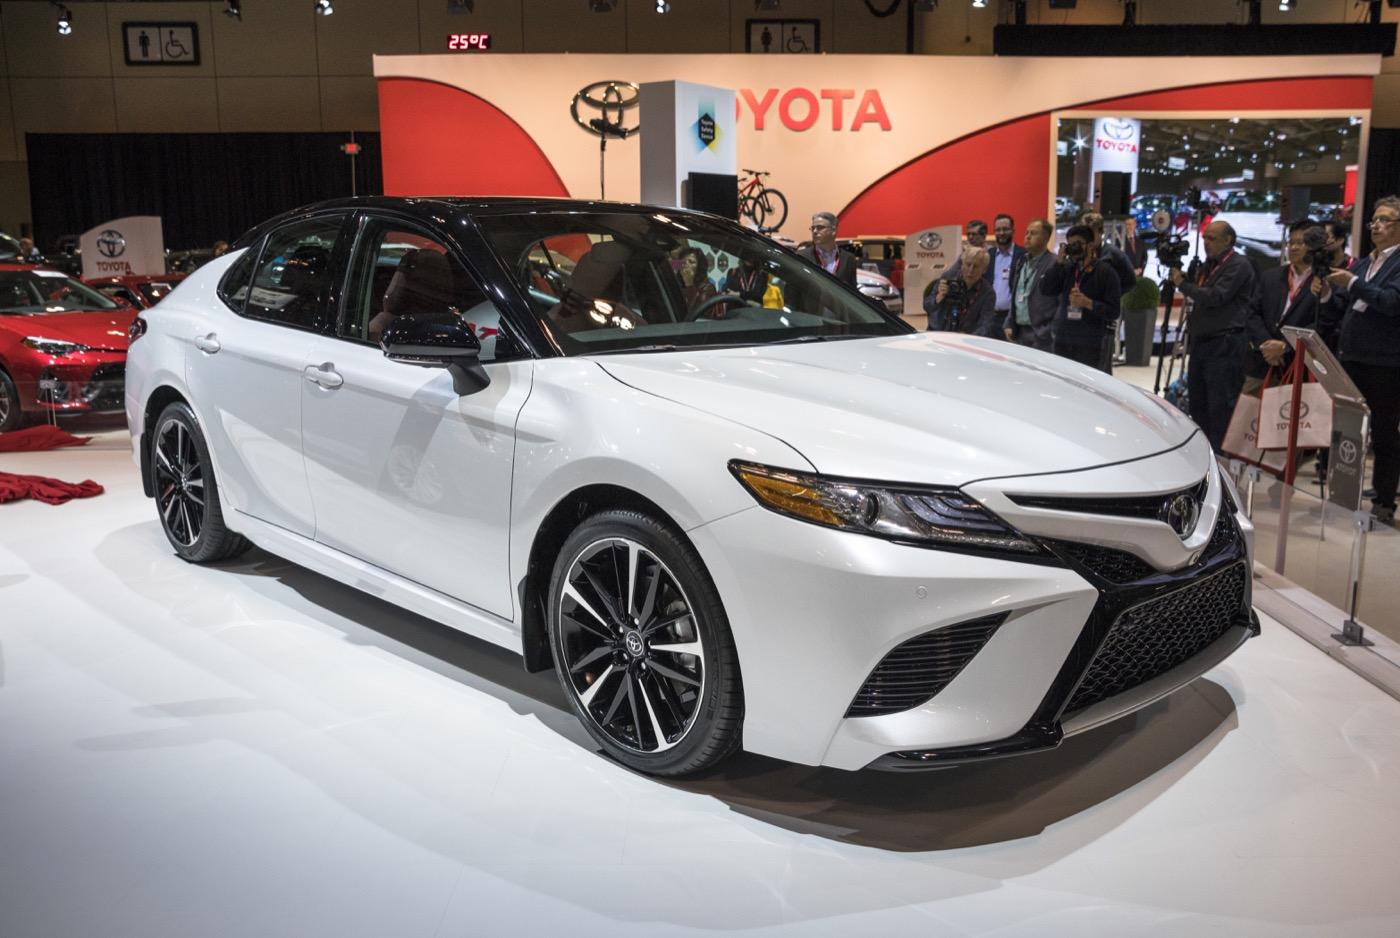 Toyota Camry 2018 года имеет самую стандартную лошадиную силу в сегменте седанов среднего размера в Америке — на данный момент